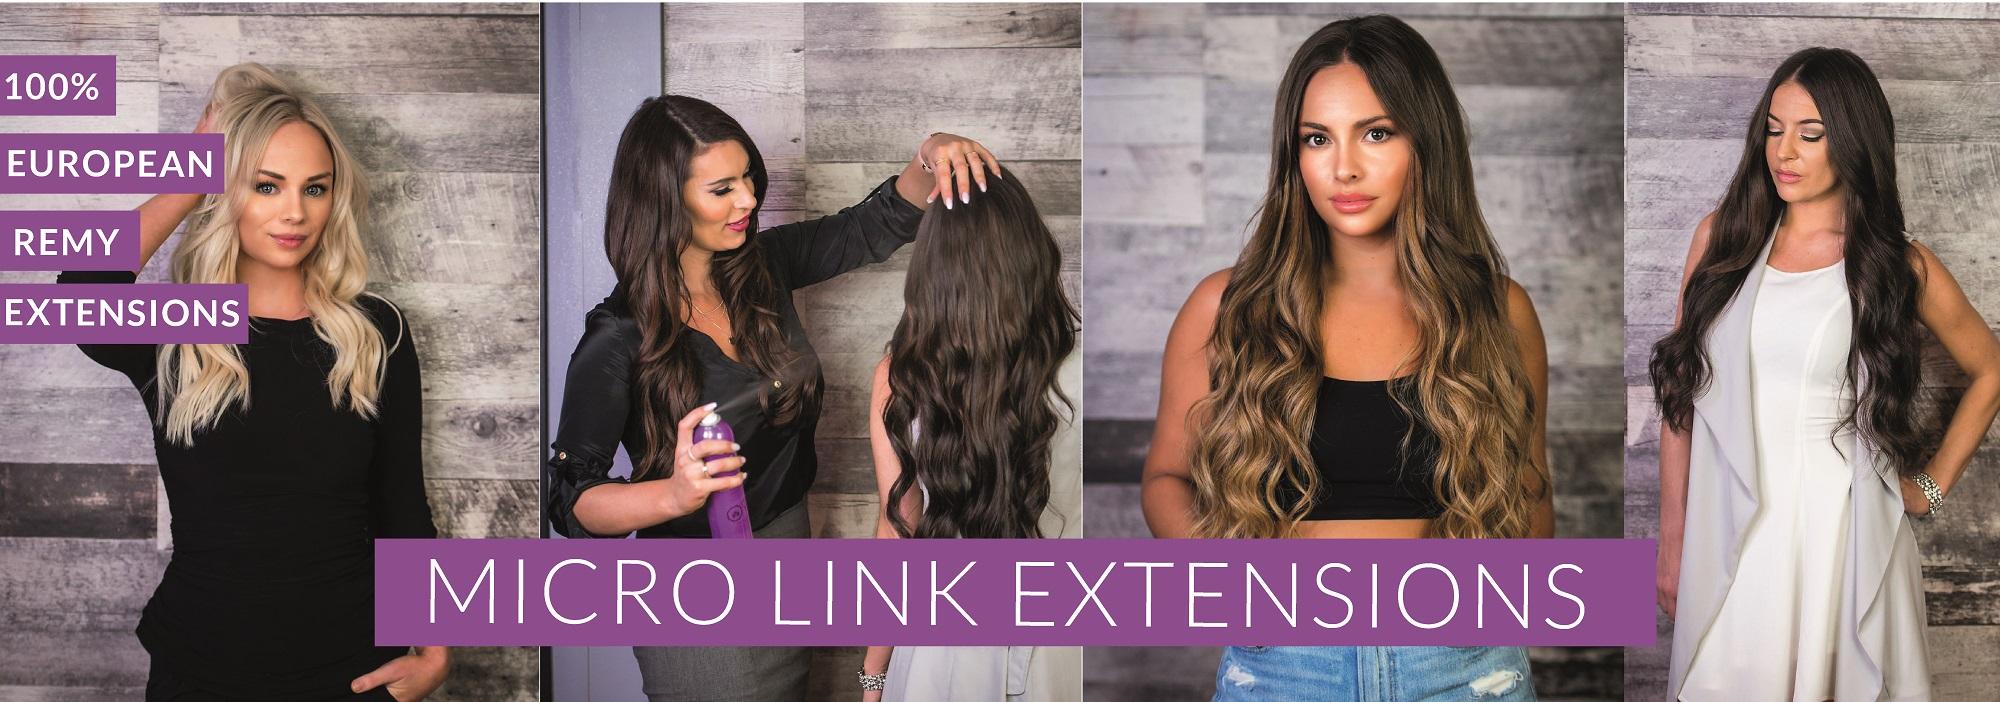 euro-hair-extensions-microlink-2018.jpg